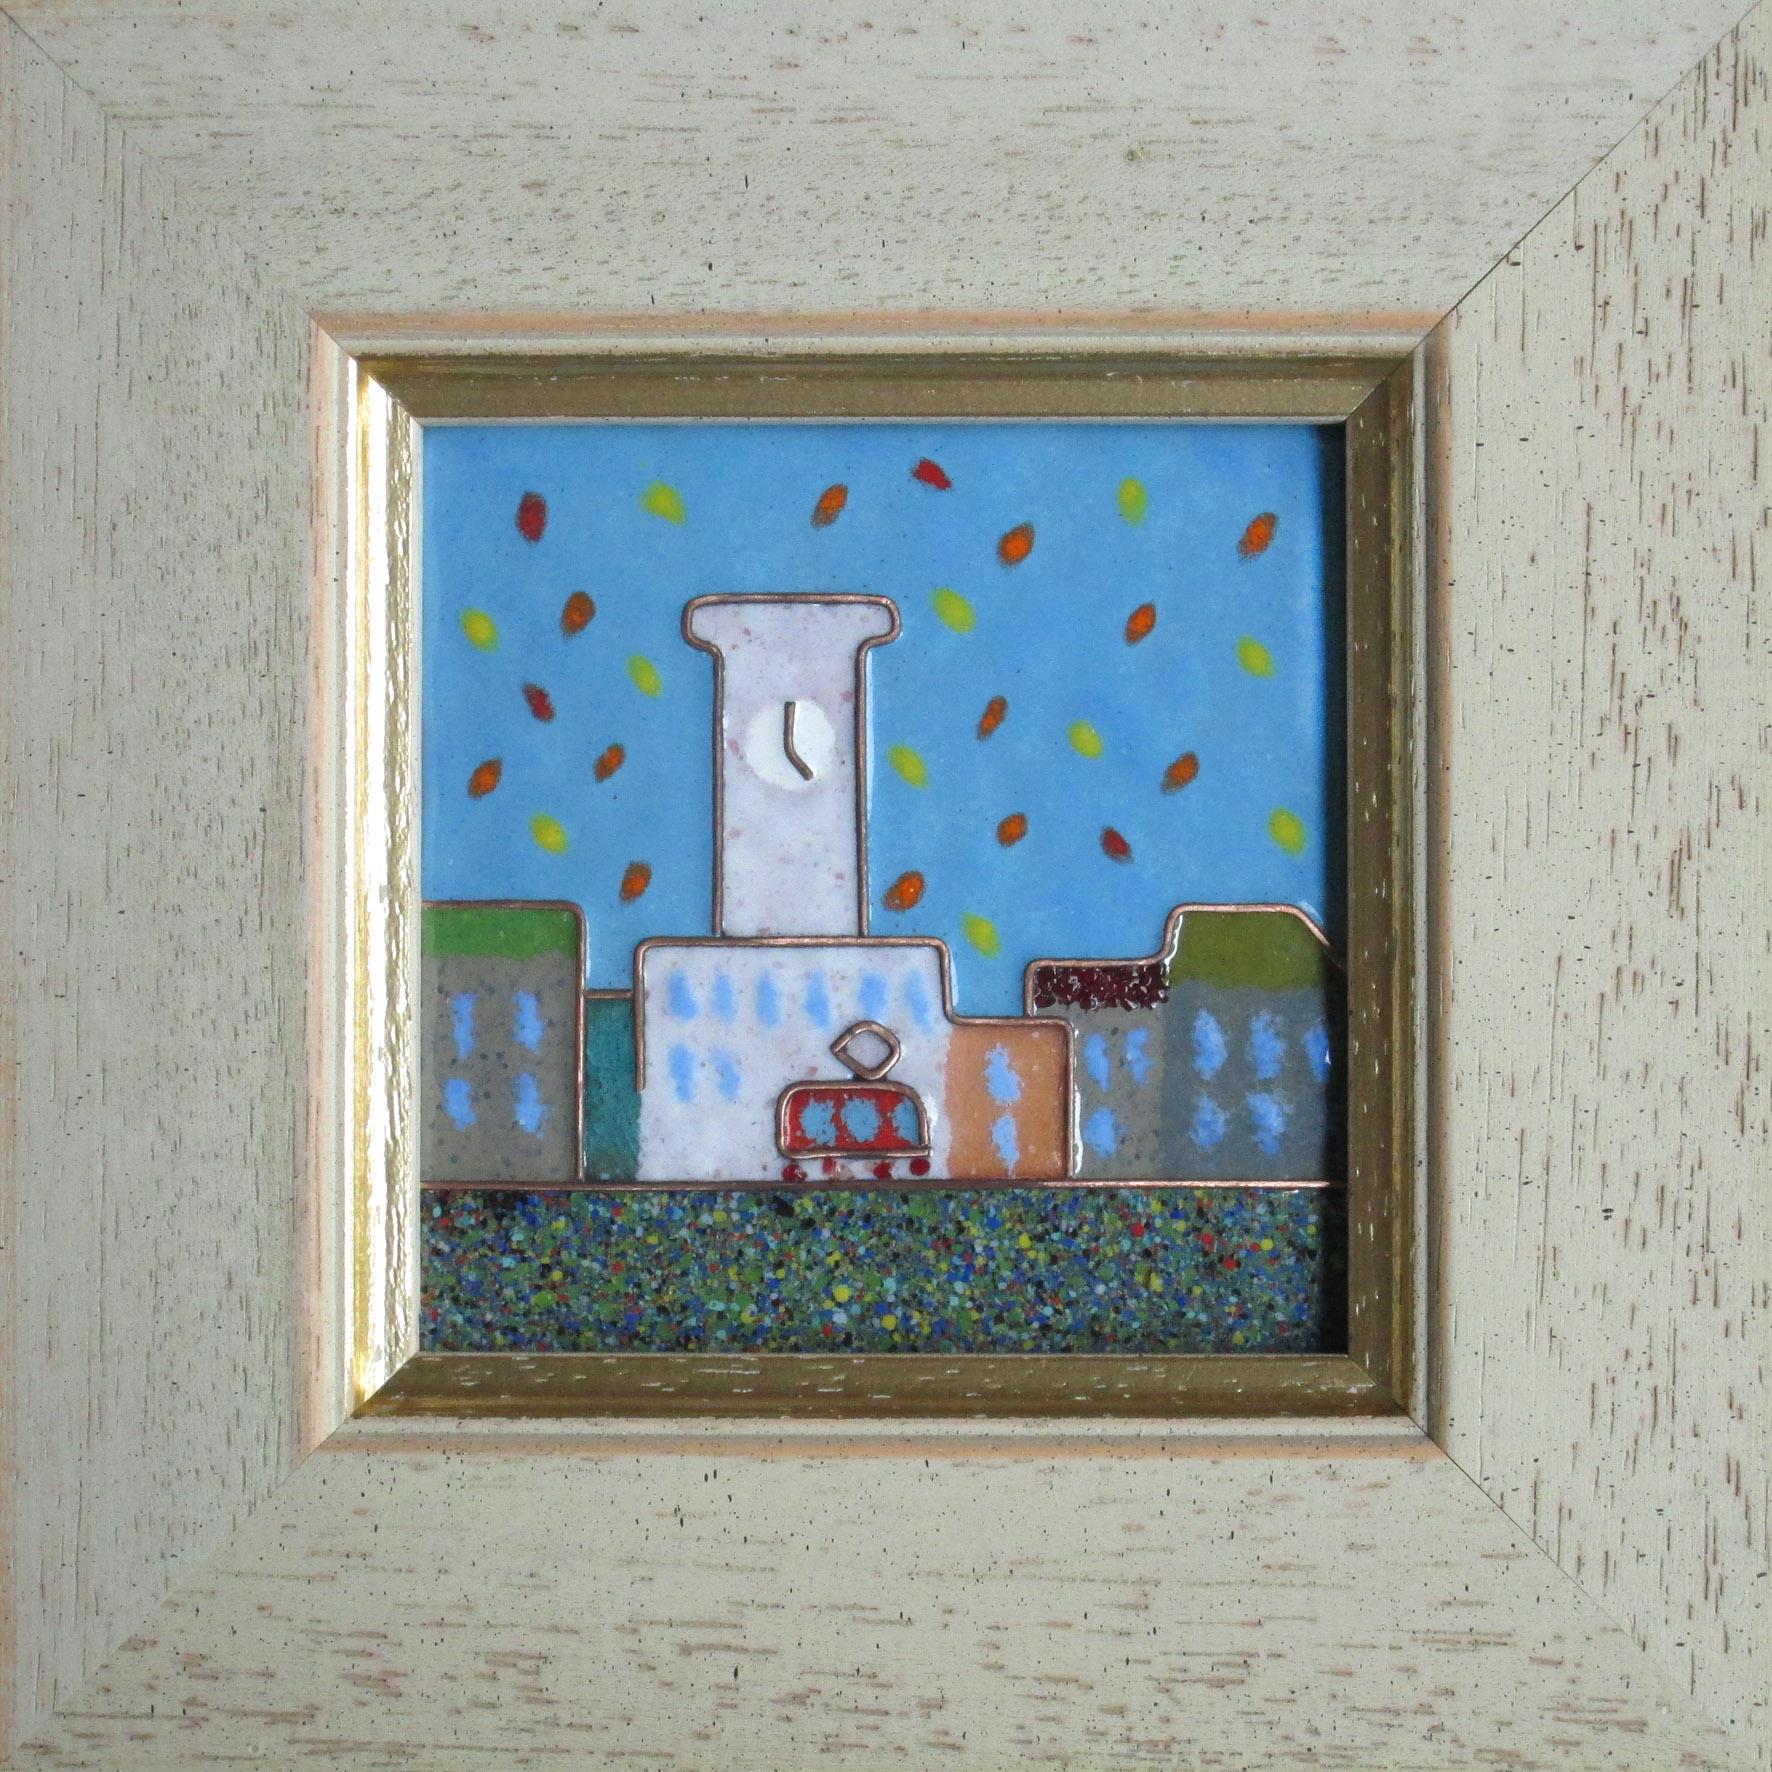 Олекса Мисько. Трамвайчик, 2013. Мідь, емаль, 8х8